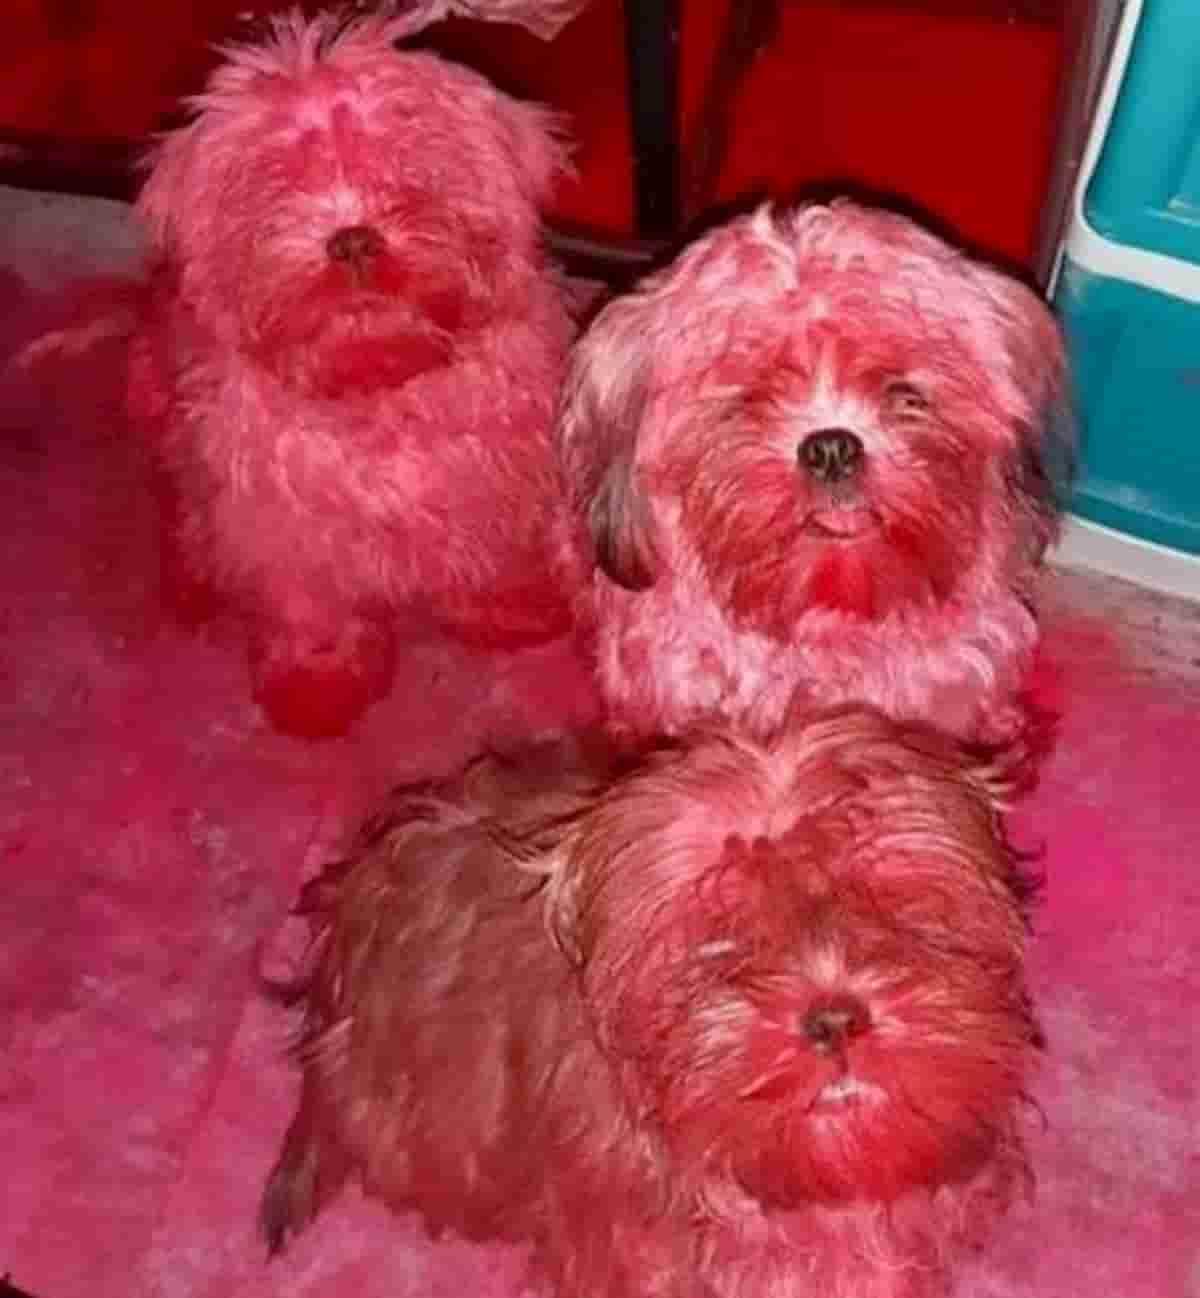 cães shih tzu cobertos de pigmento rosa de maquilhagem